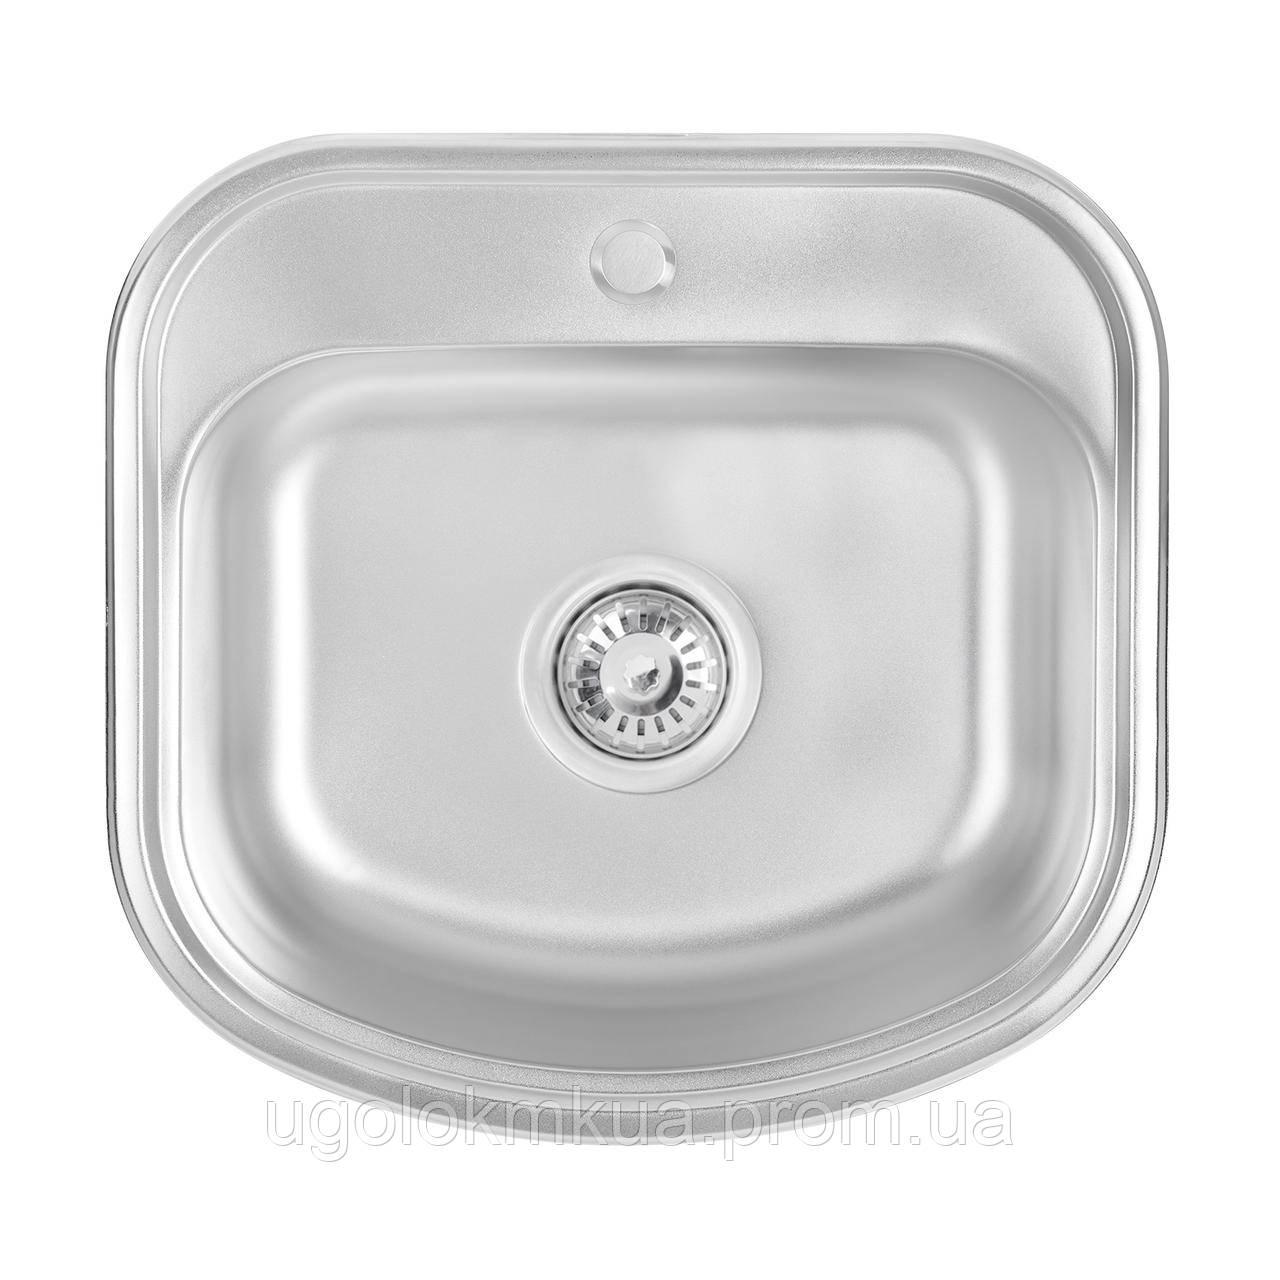 Кухонна мийка Lidz 4749 Satin 0,8 мм (LIDZ4749SAT)